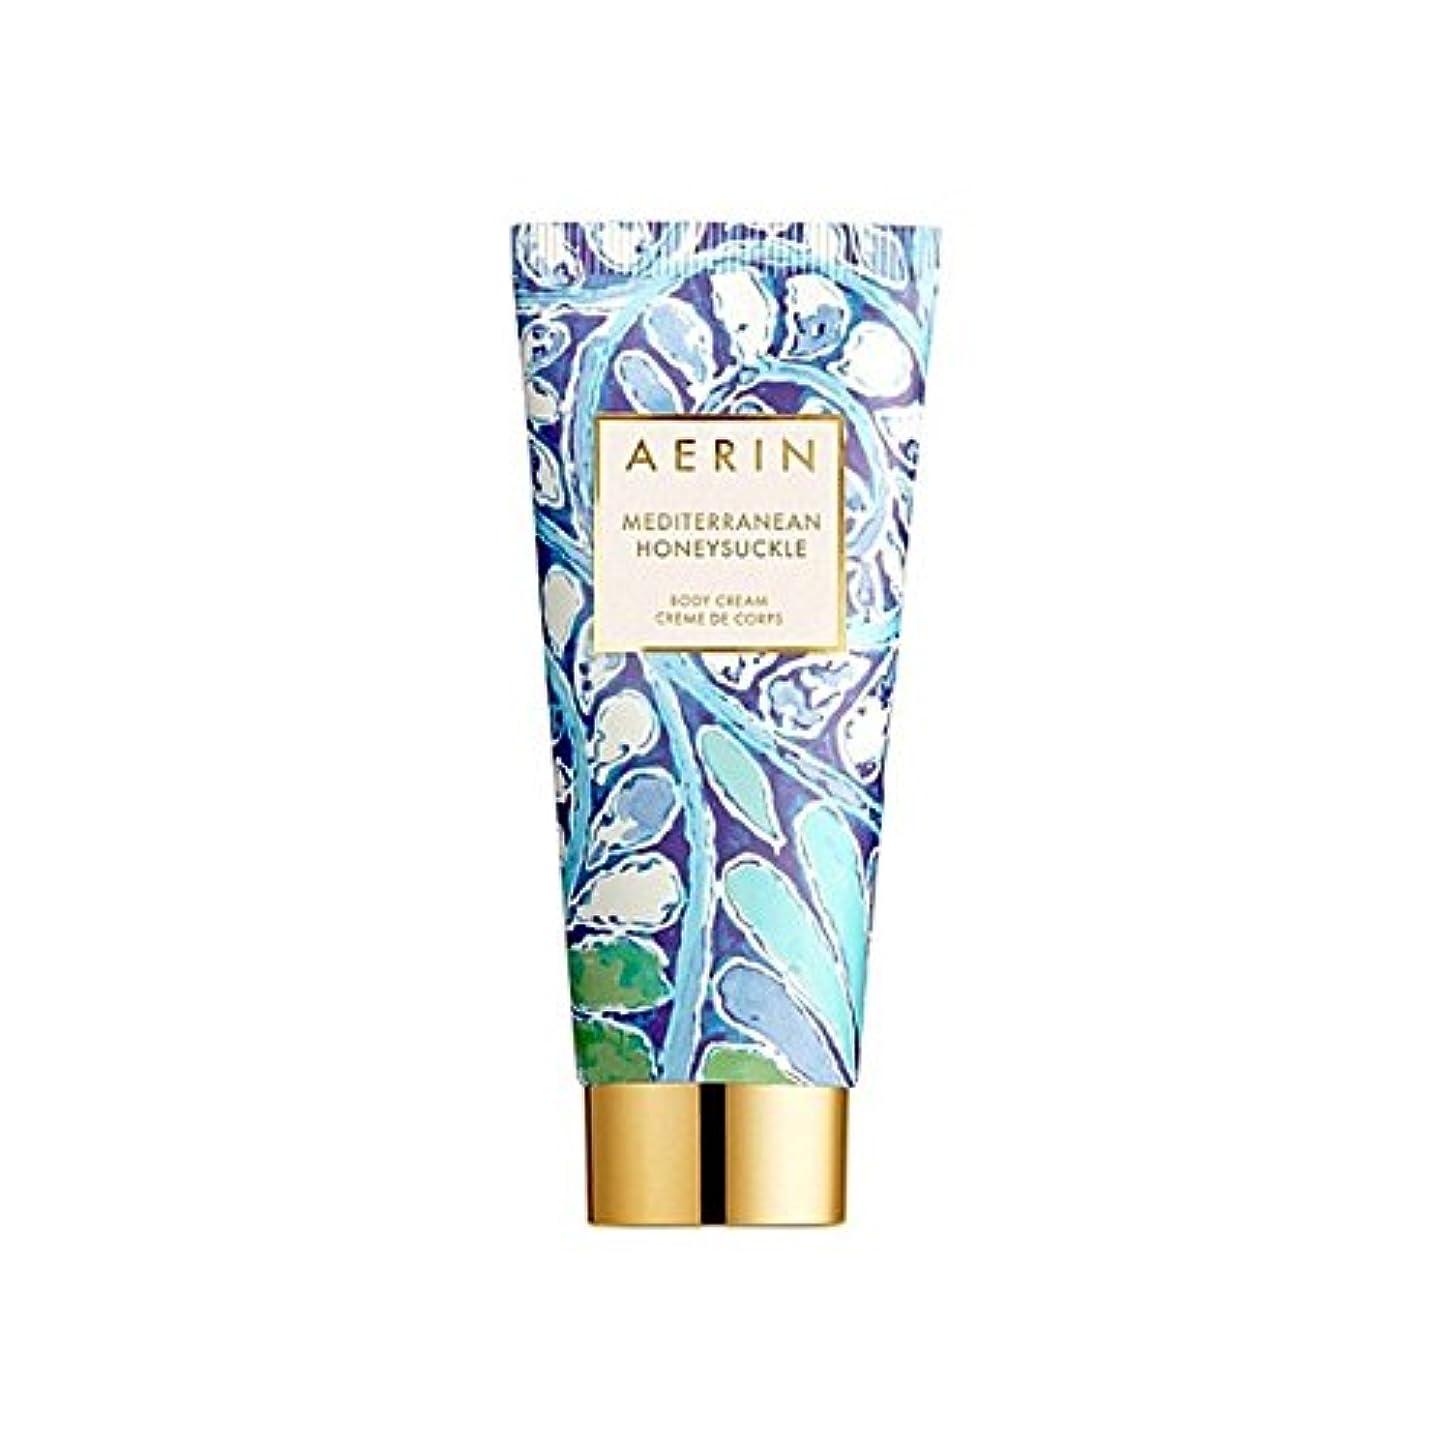 まぶしさ素人機動スイカズラボディクリーム150ミリリットル x2 - Aerin Mediterrenean Honeysuckle Body Cream 150ml (Pack of 2) [並行輸入品]